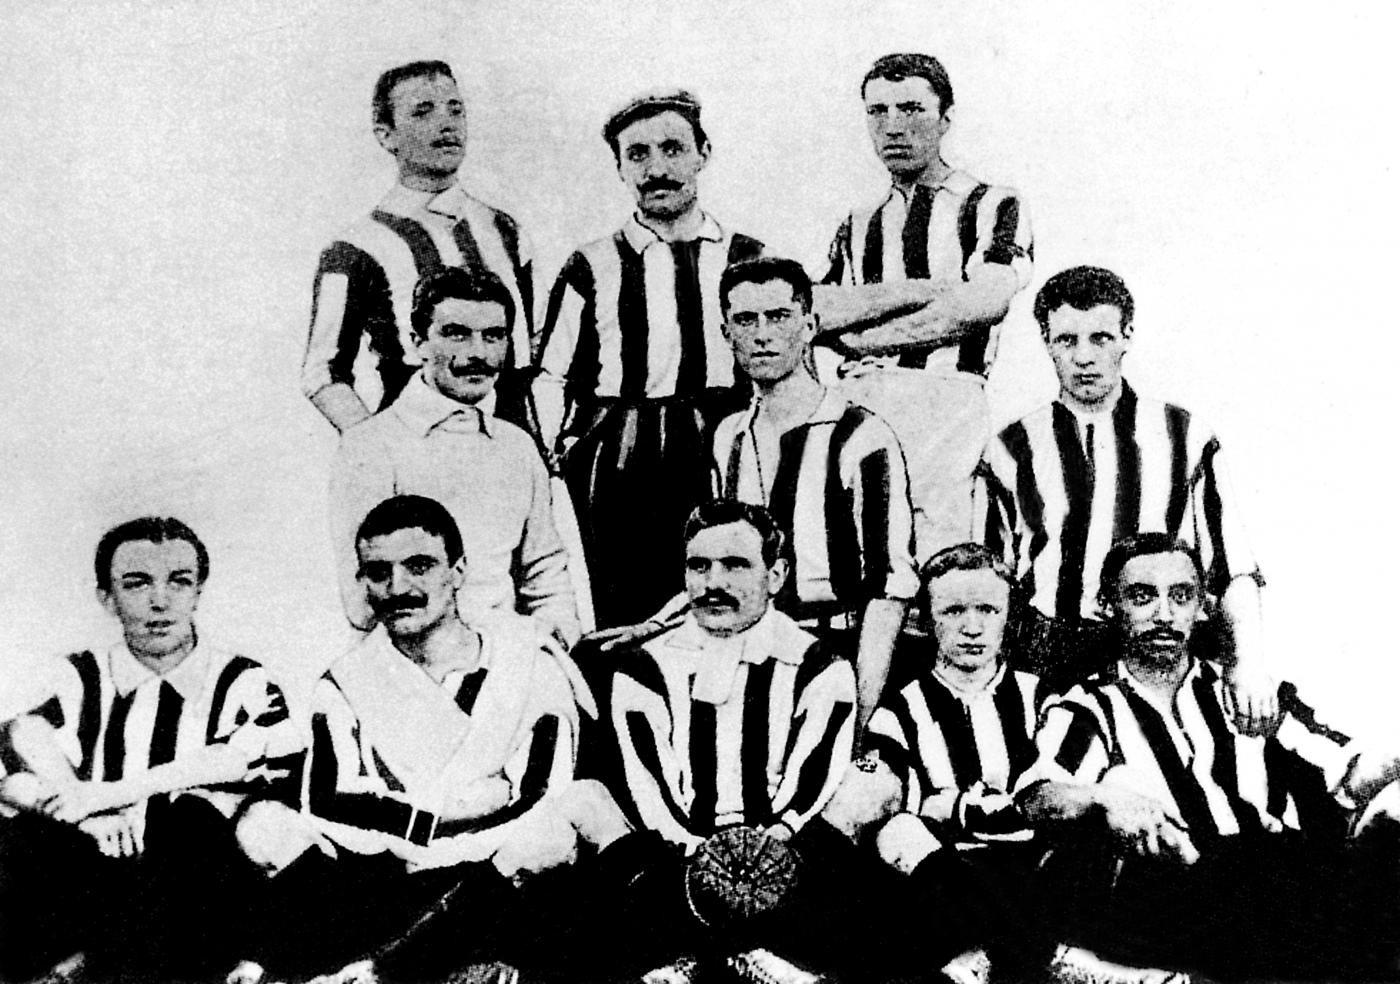 La formazione dello storico scudetto del 1905